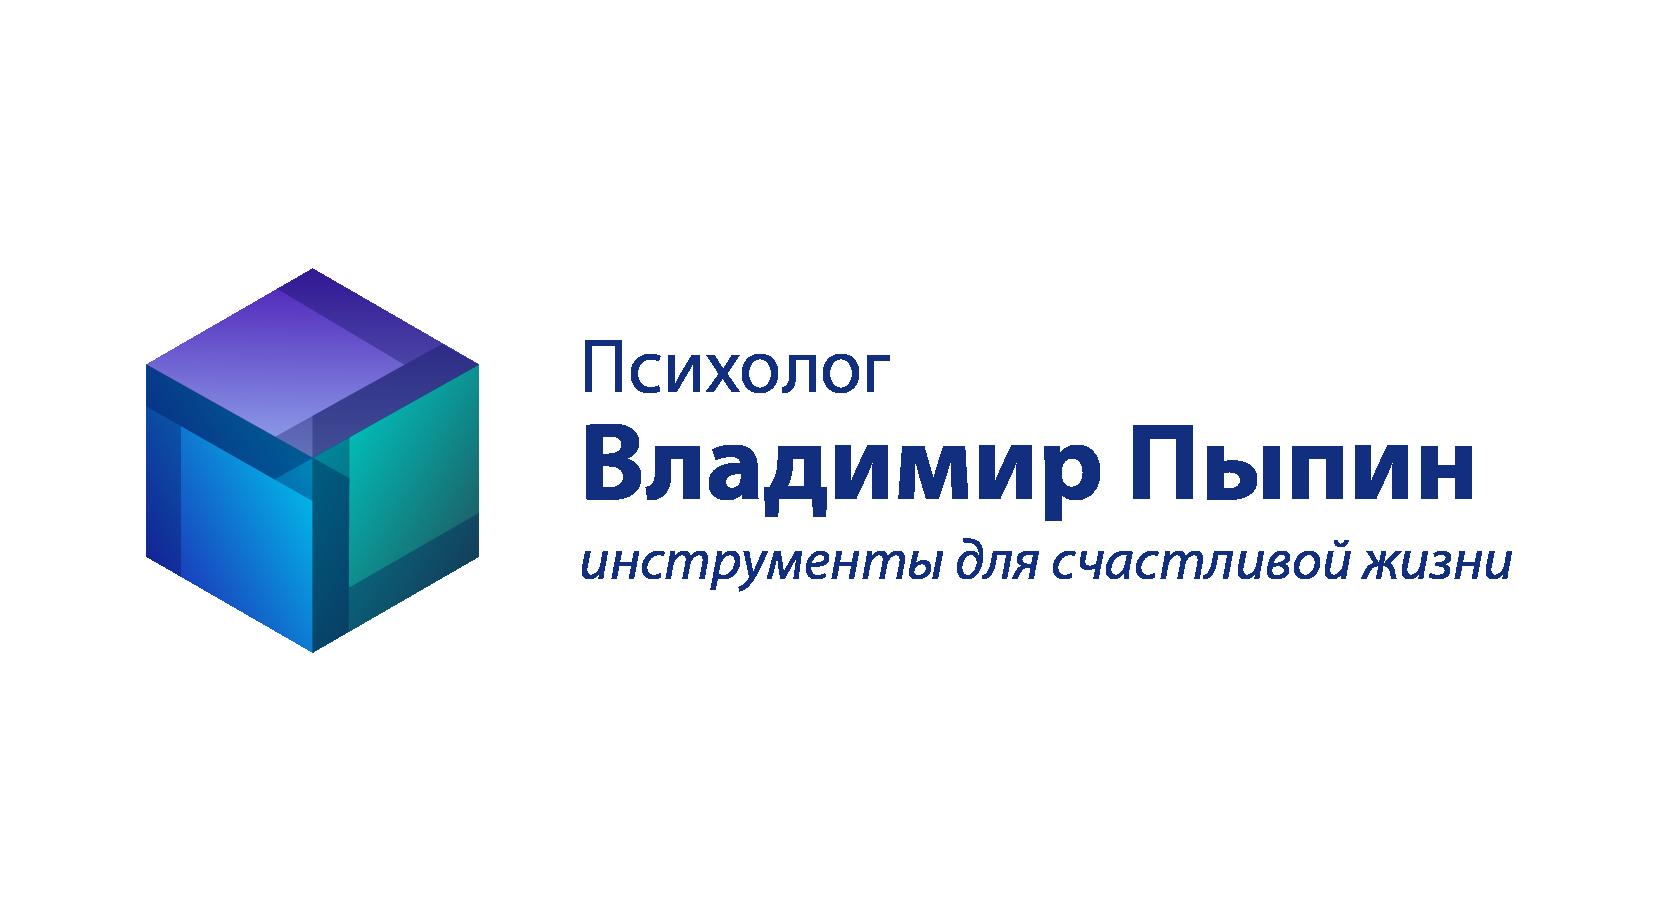 Психолог Владимир Пыпин, инструменты для счастливой жизни